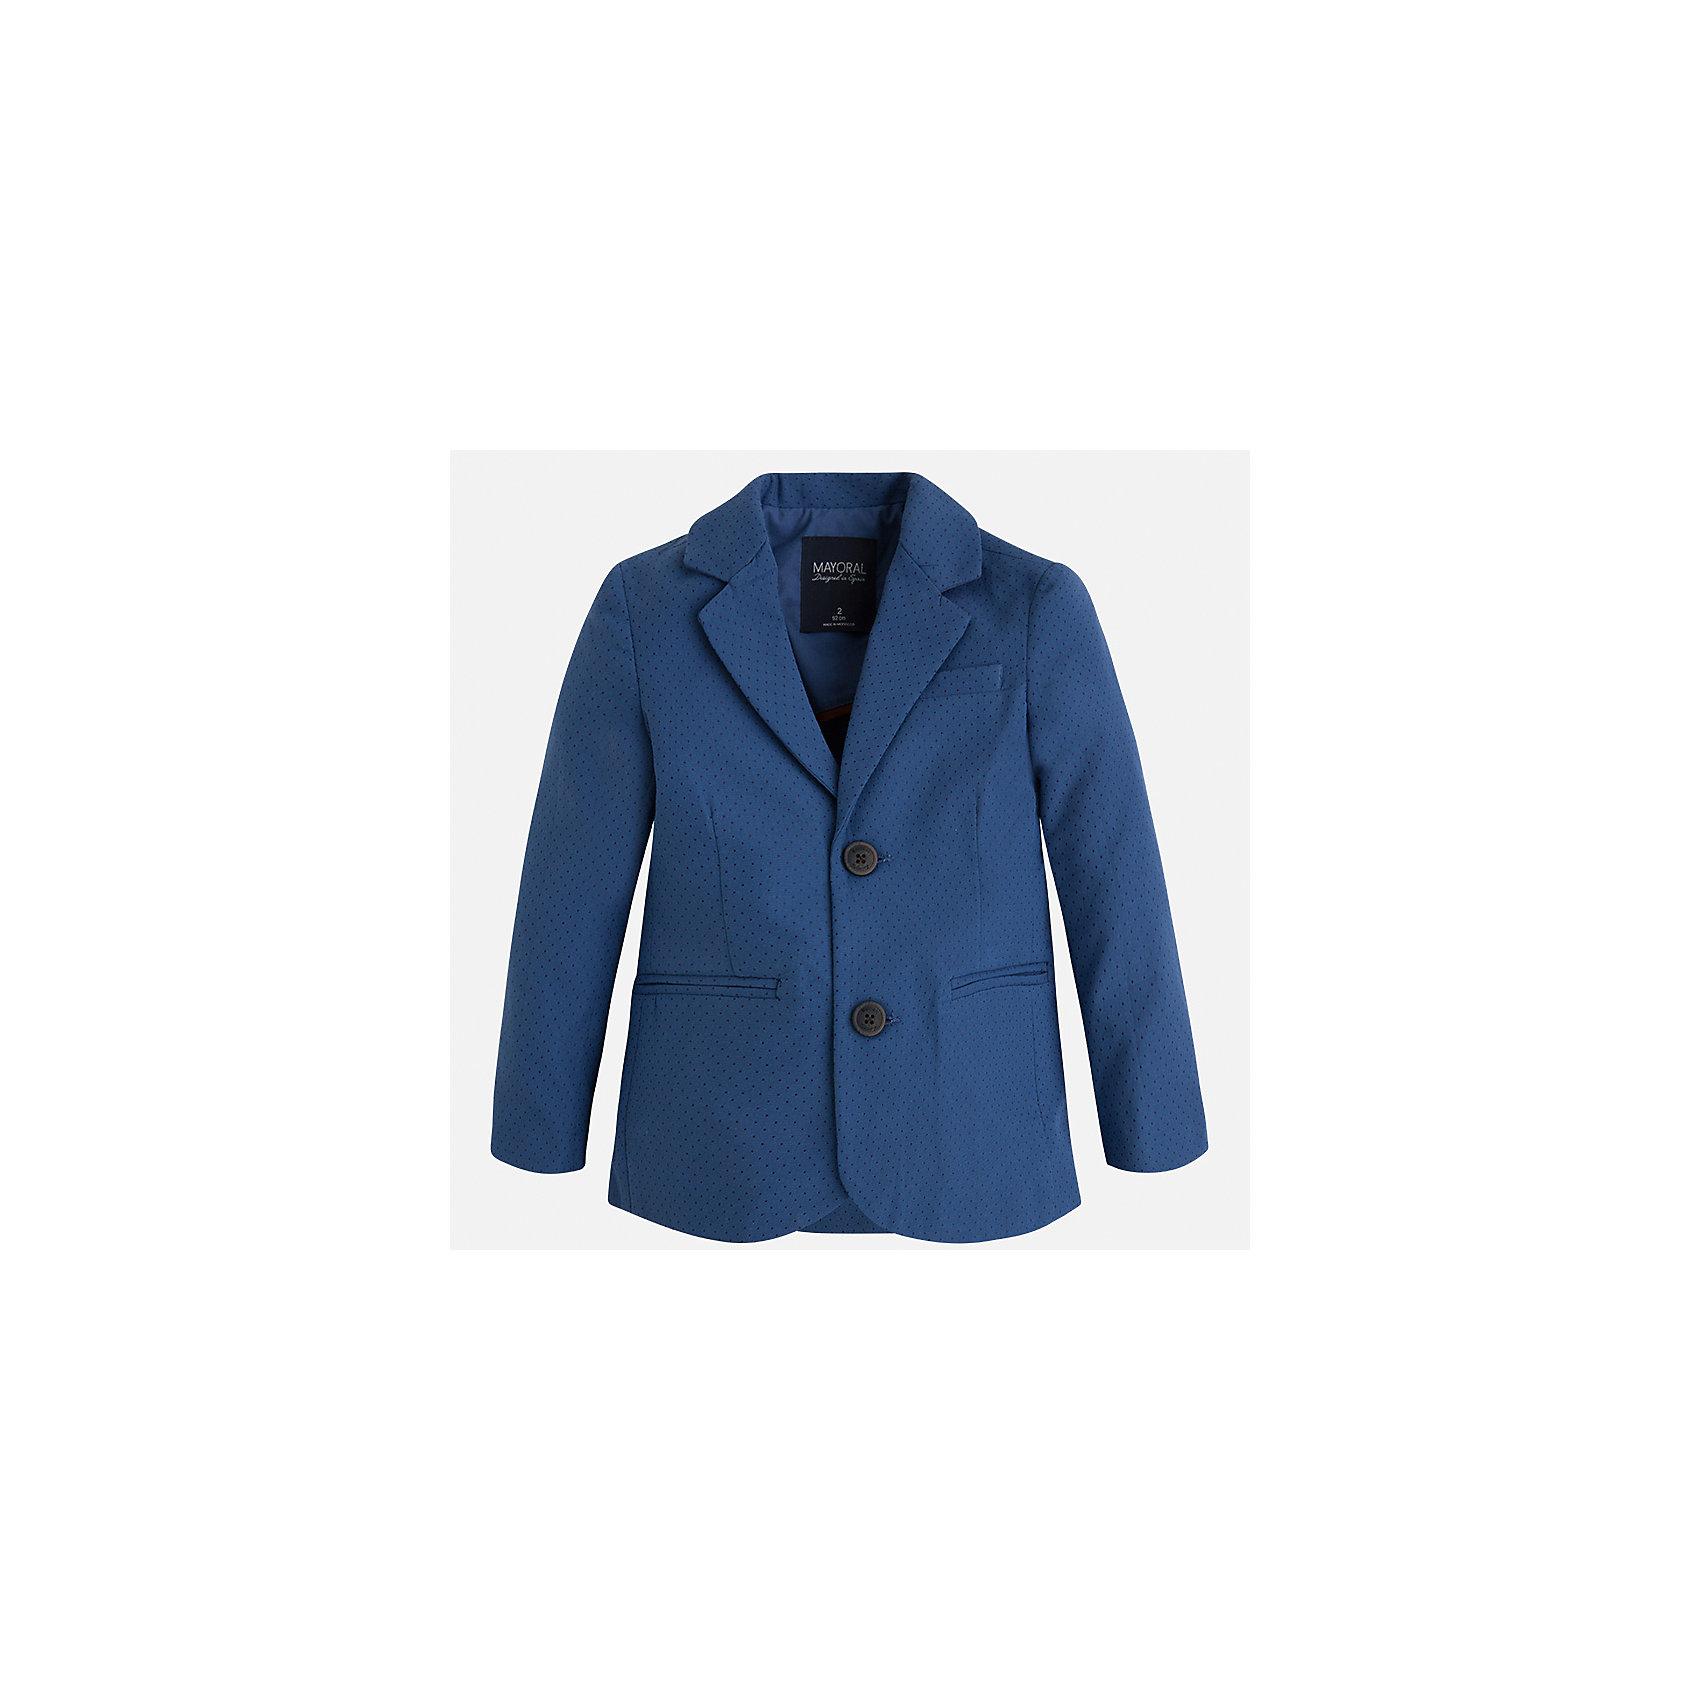 Пиджак для мальчика MayoralПиджаки и костюмы<br>Характеристики товара:<br><br>• цвет: синий<br>• состав: 87% хлопок, 10% полиэстер, 3% эластан<br>• мелкий горох<br>• рукава длинные <br>• карманы<br>• пуговицы <br>• отложной воротник<br>• страна бренда: Испания<br><br>Удобный и красивый пиджак для мальчика поможет разнообразить гардероб ребенка и дополнить наряд. Он отлично сочетается с брюками классического кроя. Универсальный цвет позволяет подобрать к вещи низ различных расцветок. Модное и элегантное изделие. В составе материала - натуральный хлопок, гипоаллергенный, приятный на ощупь, дышащий.<br><br>Одежда, обувь и аксессуары от испанского бренда Mayoral полюбились детям и взрослым по всему миру. Модели этой марки - стильные и удобные. Для их производства используются только безопасные, качественные материалы и фурнитура. Порадуйте ребенка модными и красивыми вещами от Mayoral! <br><br>Пиджак для мальчика от испанского бренда Mayoral (Майорал) можно купить в нашем интернет-магазине.<br><br>Ширина мм: 174<br>Глубина мм: 10<br>Высота мм: 169<br>Вес г: 157<br>Цвет: синий<br>Возраст от месяцев: 18<br>Возраст до месяцев: 24<br>Пол: Мужской<br>Возраст: Детский<br>Размер: 92,122,134,128,116,110,104,98<br>SKU: 5280495